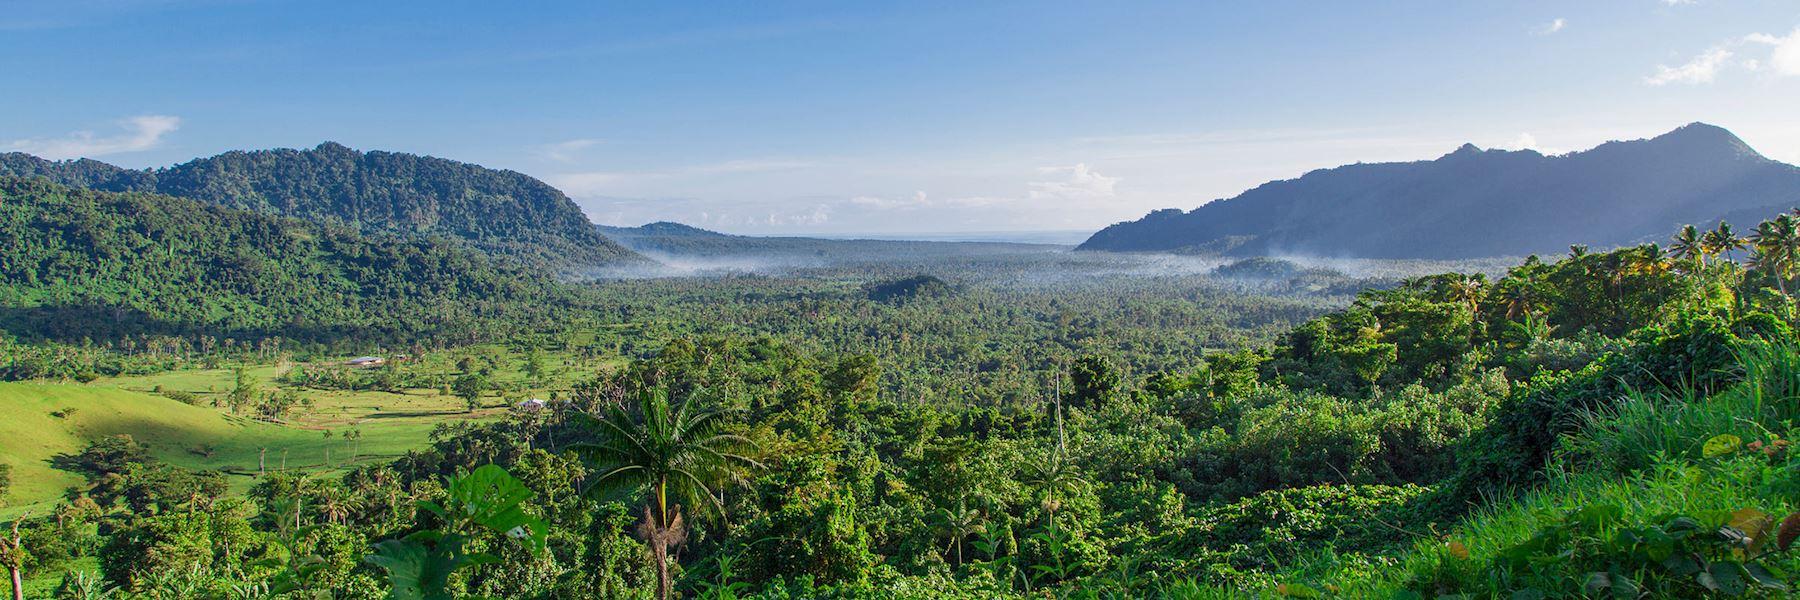 Samoa trip ideas